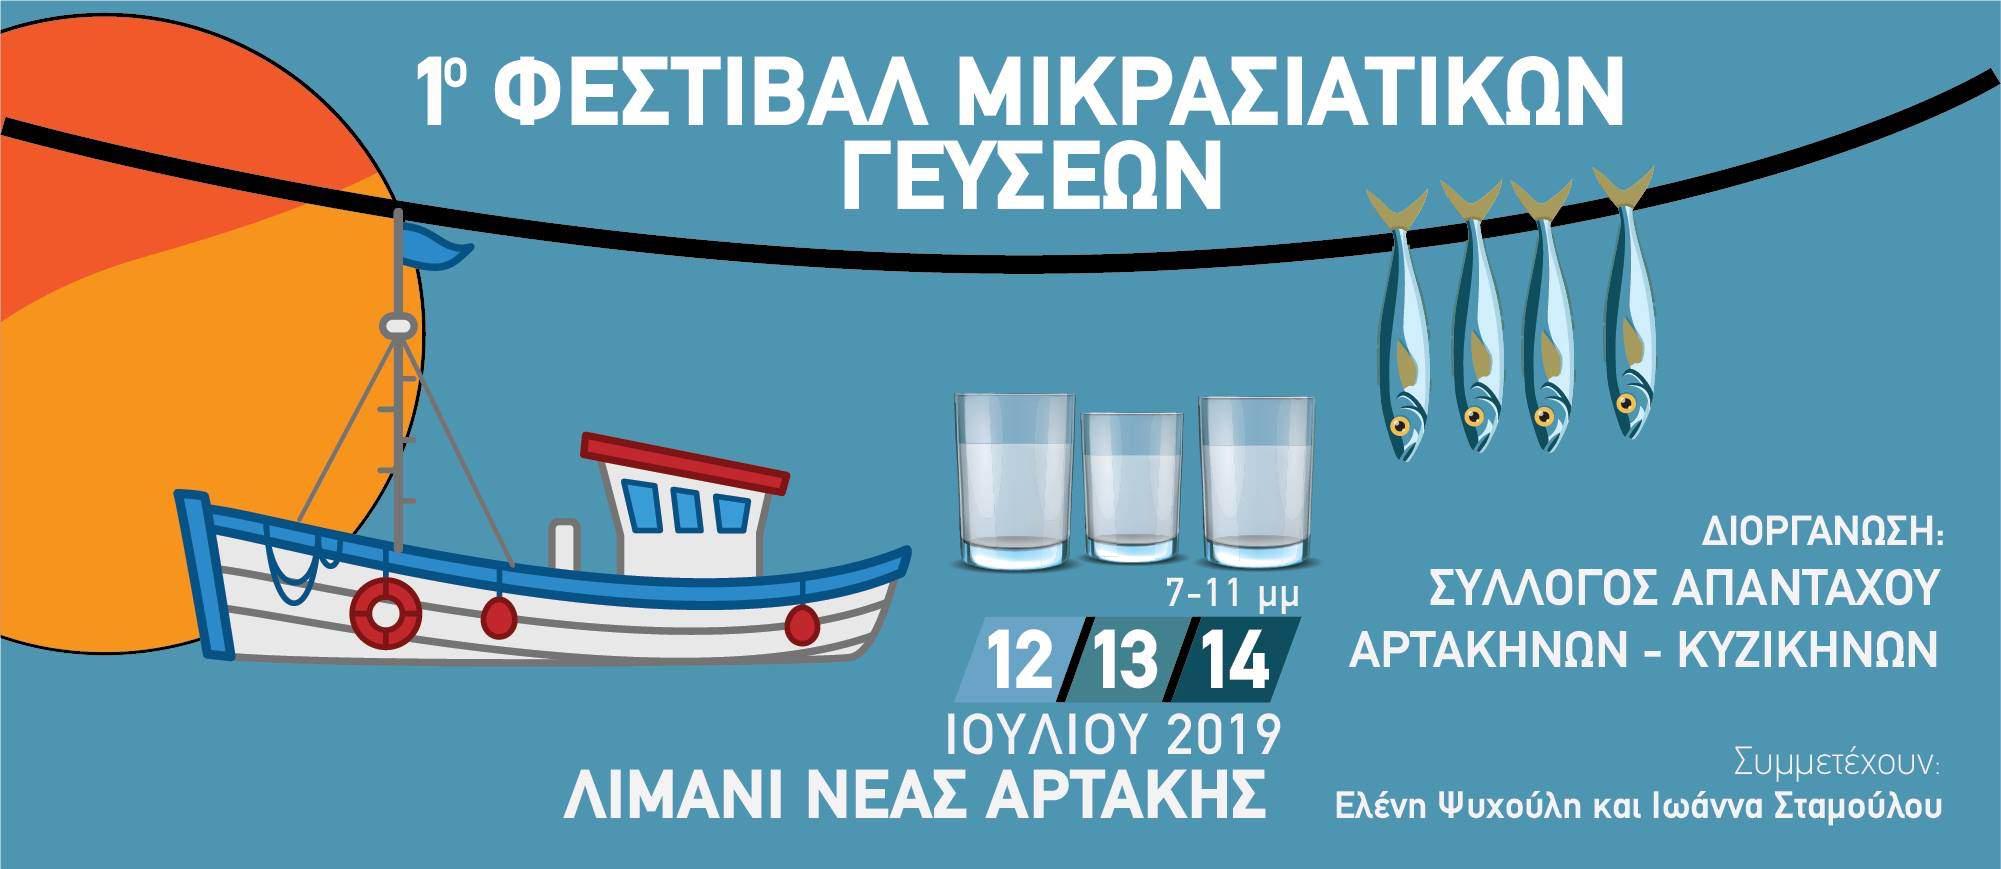 1ο Φεστιβάλ Μικρασιατικών γεύσεων Νέας Αρτάκης